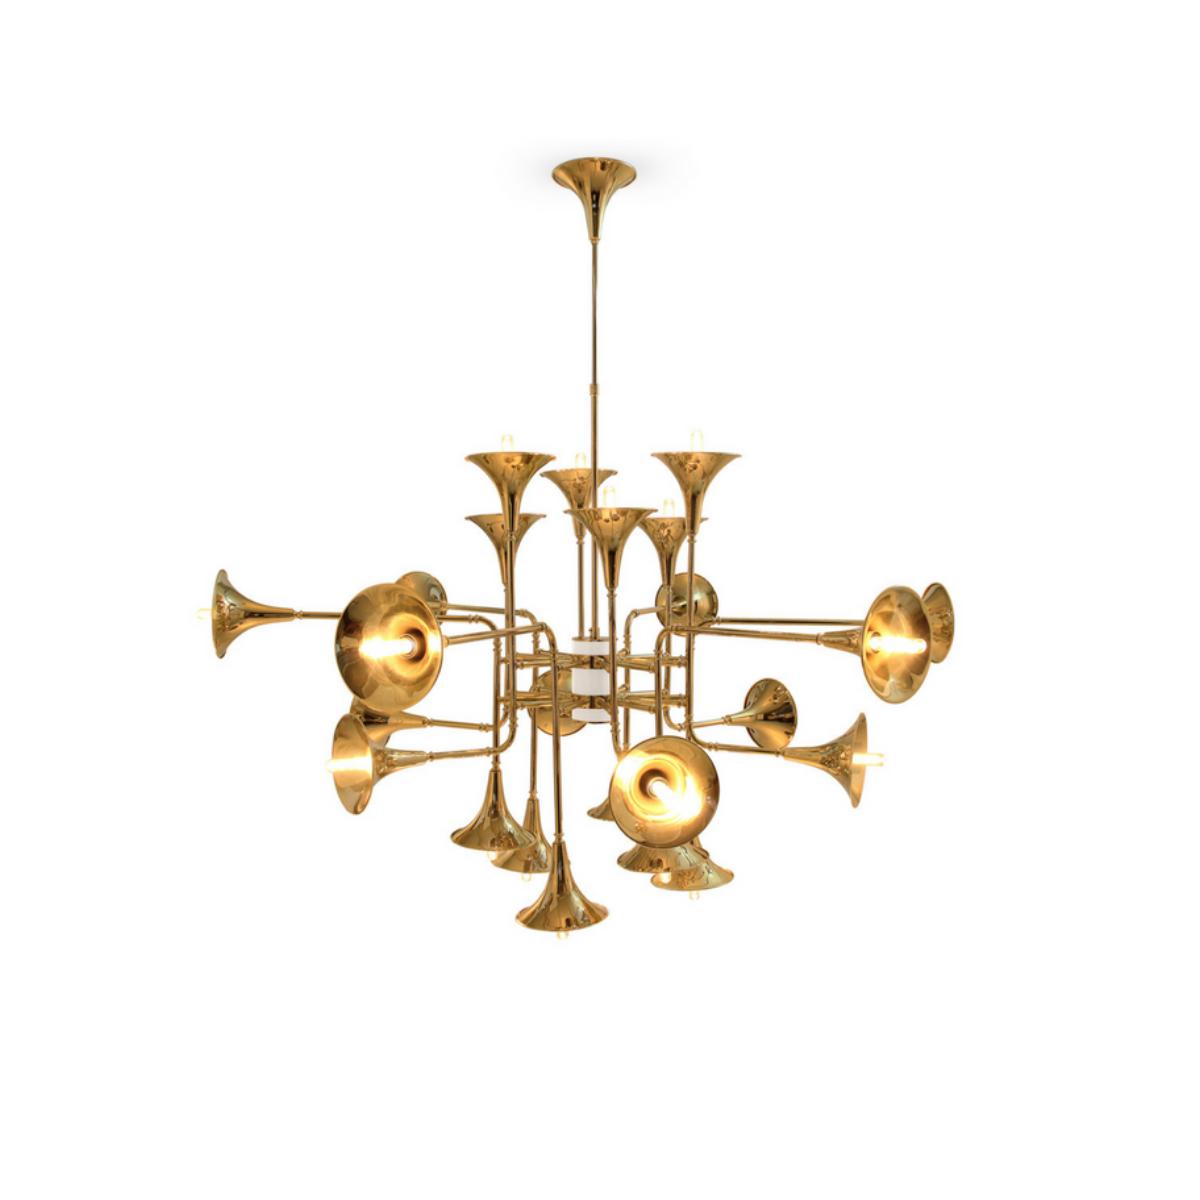 Botti Suspension Lamp by Delightfull Covet Lighting